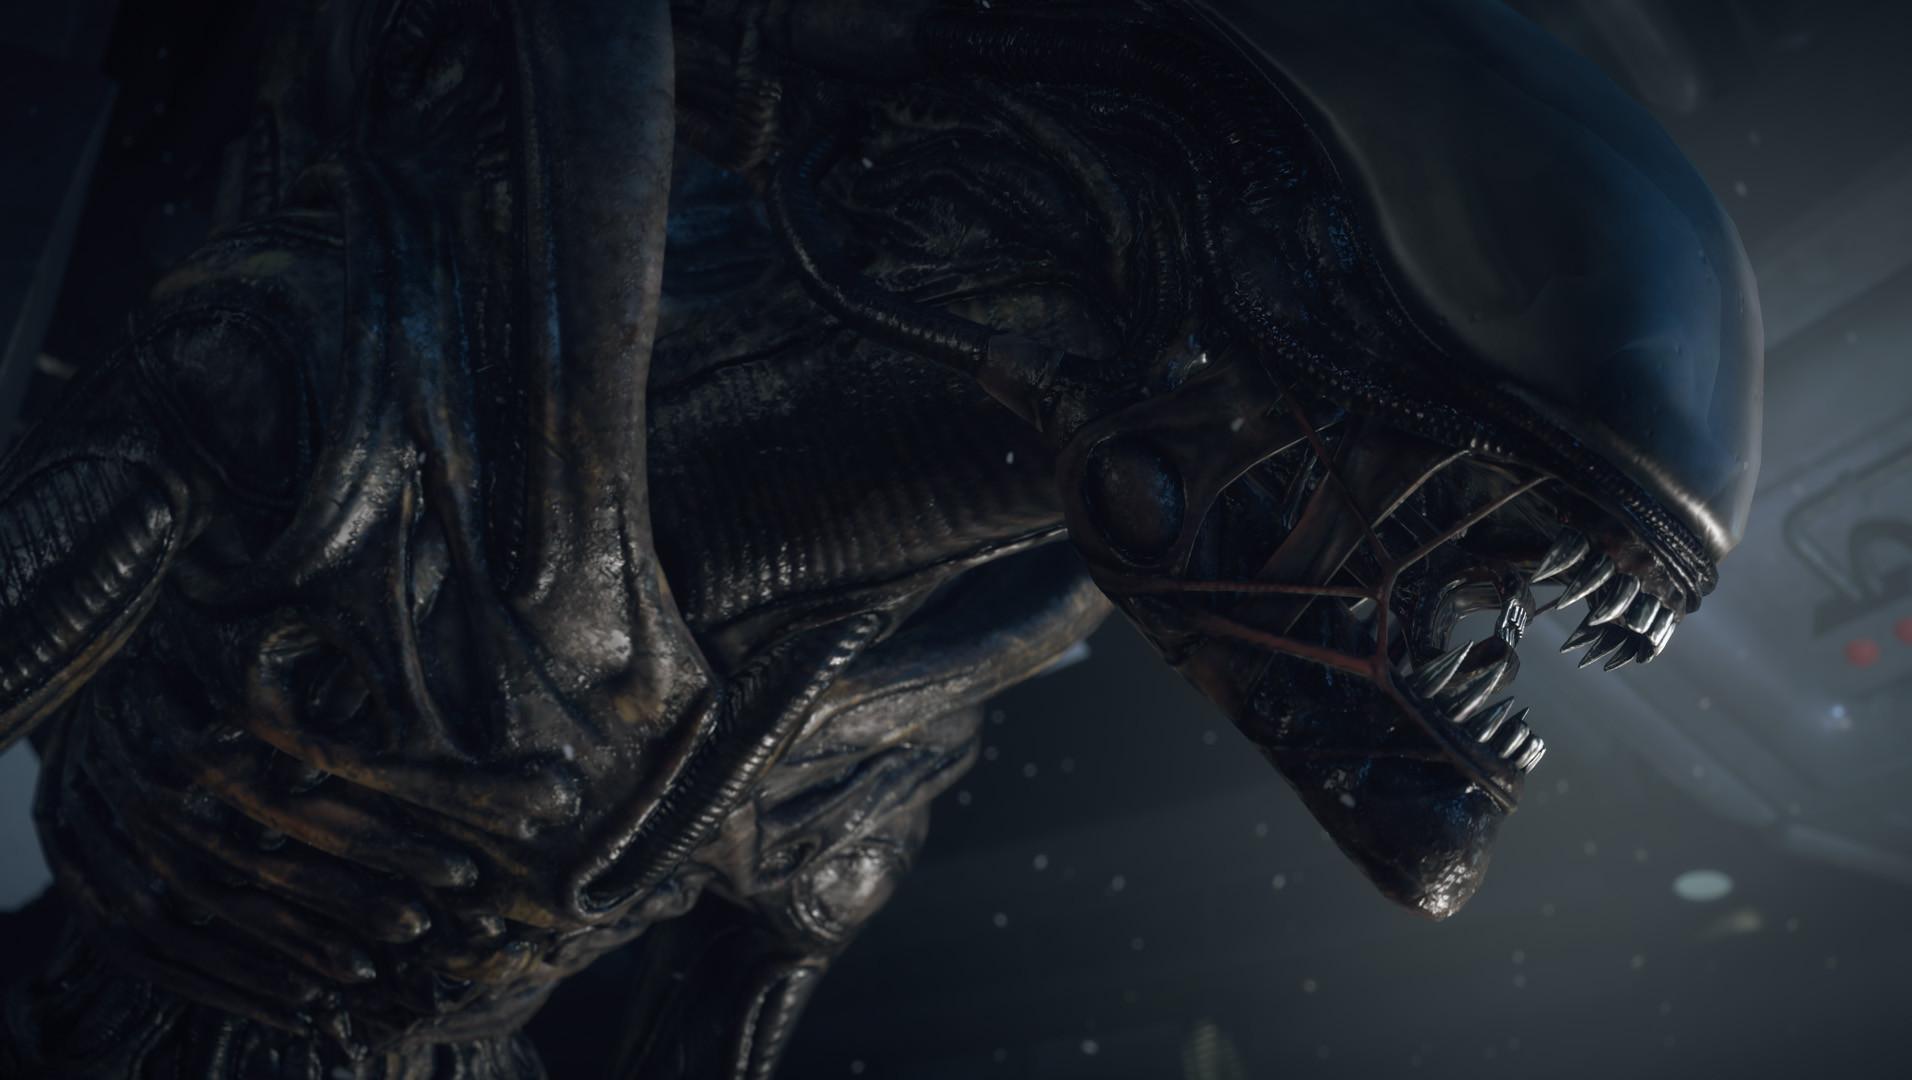 alien-iso-art